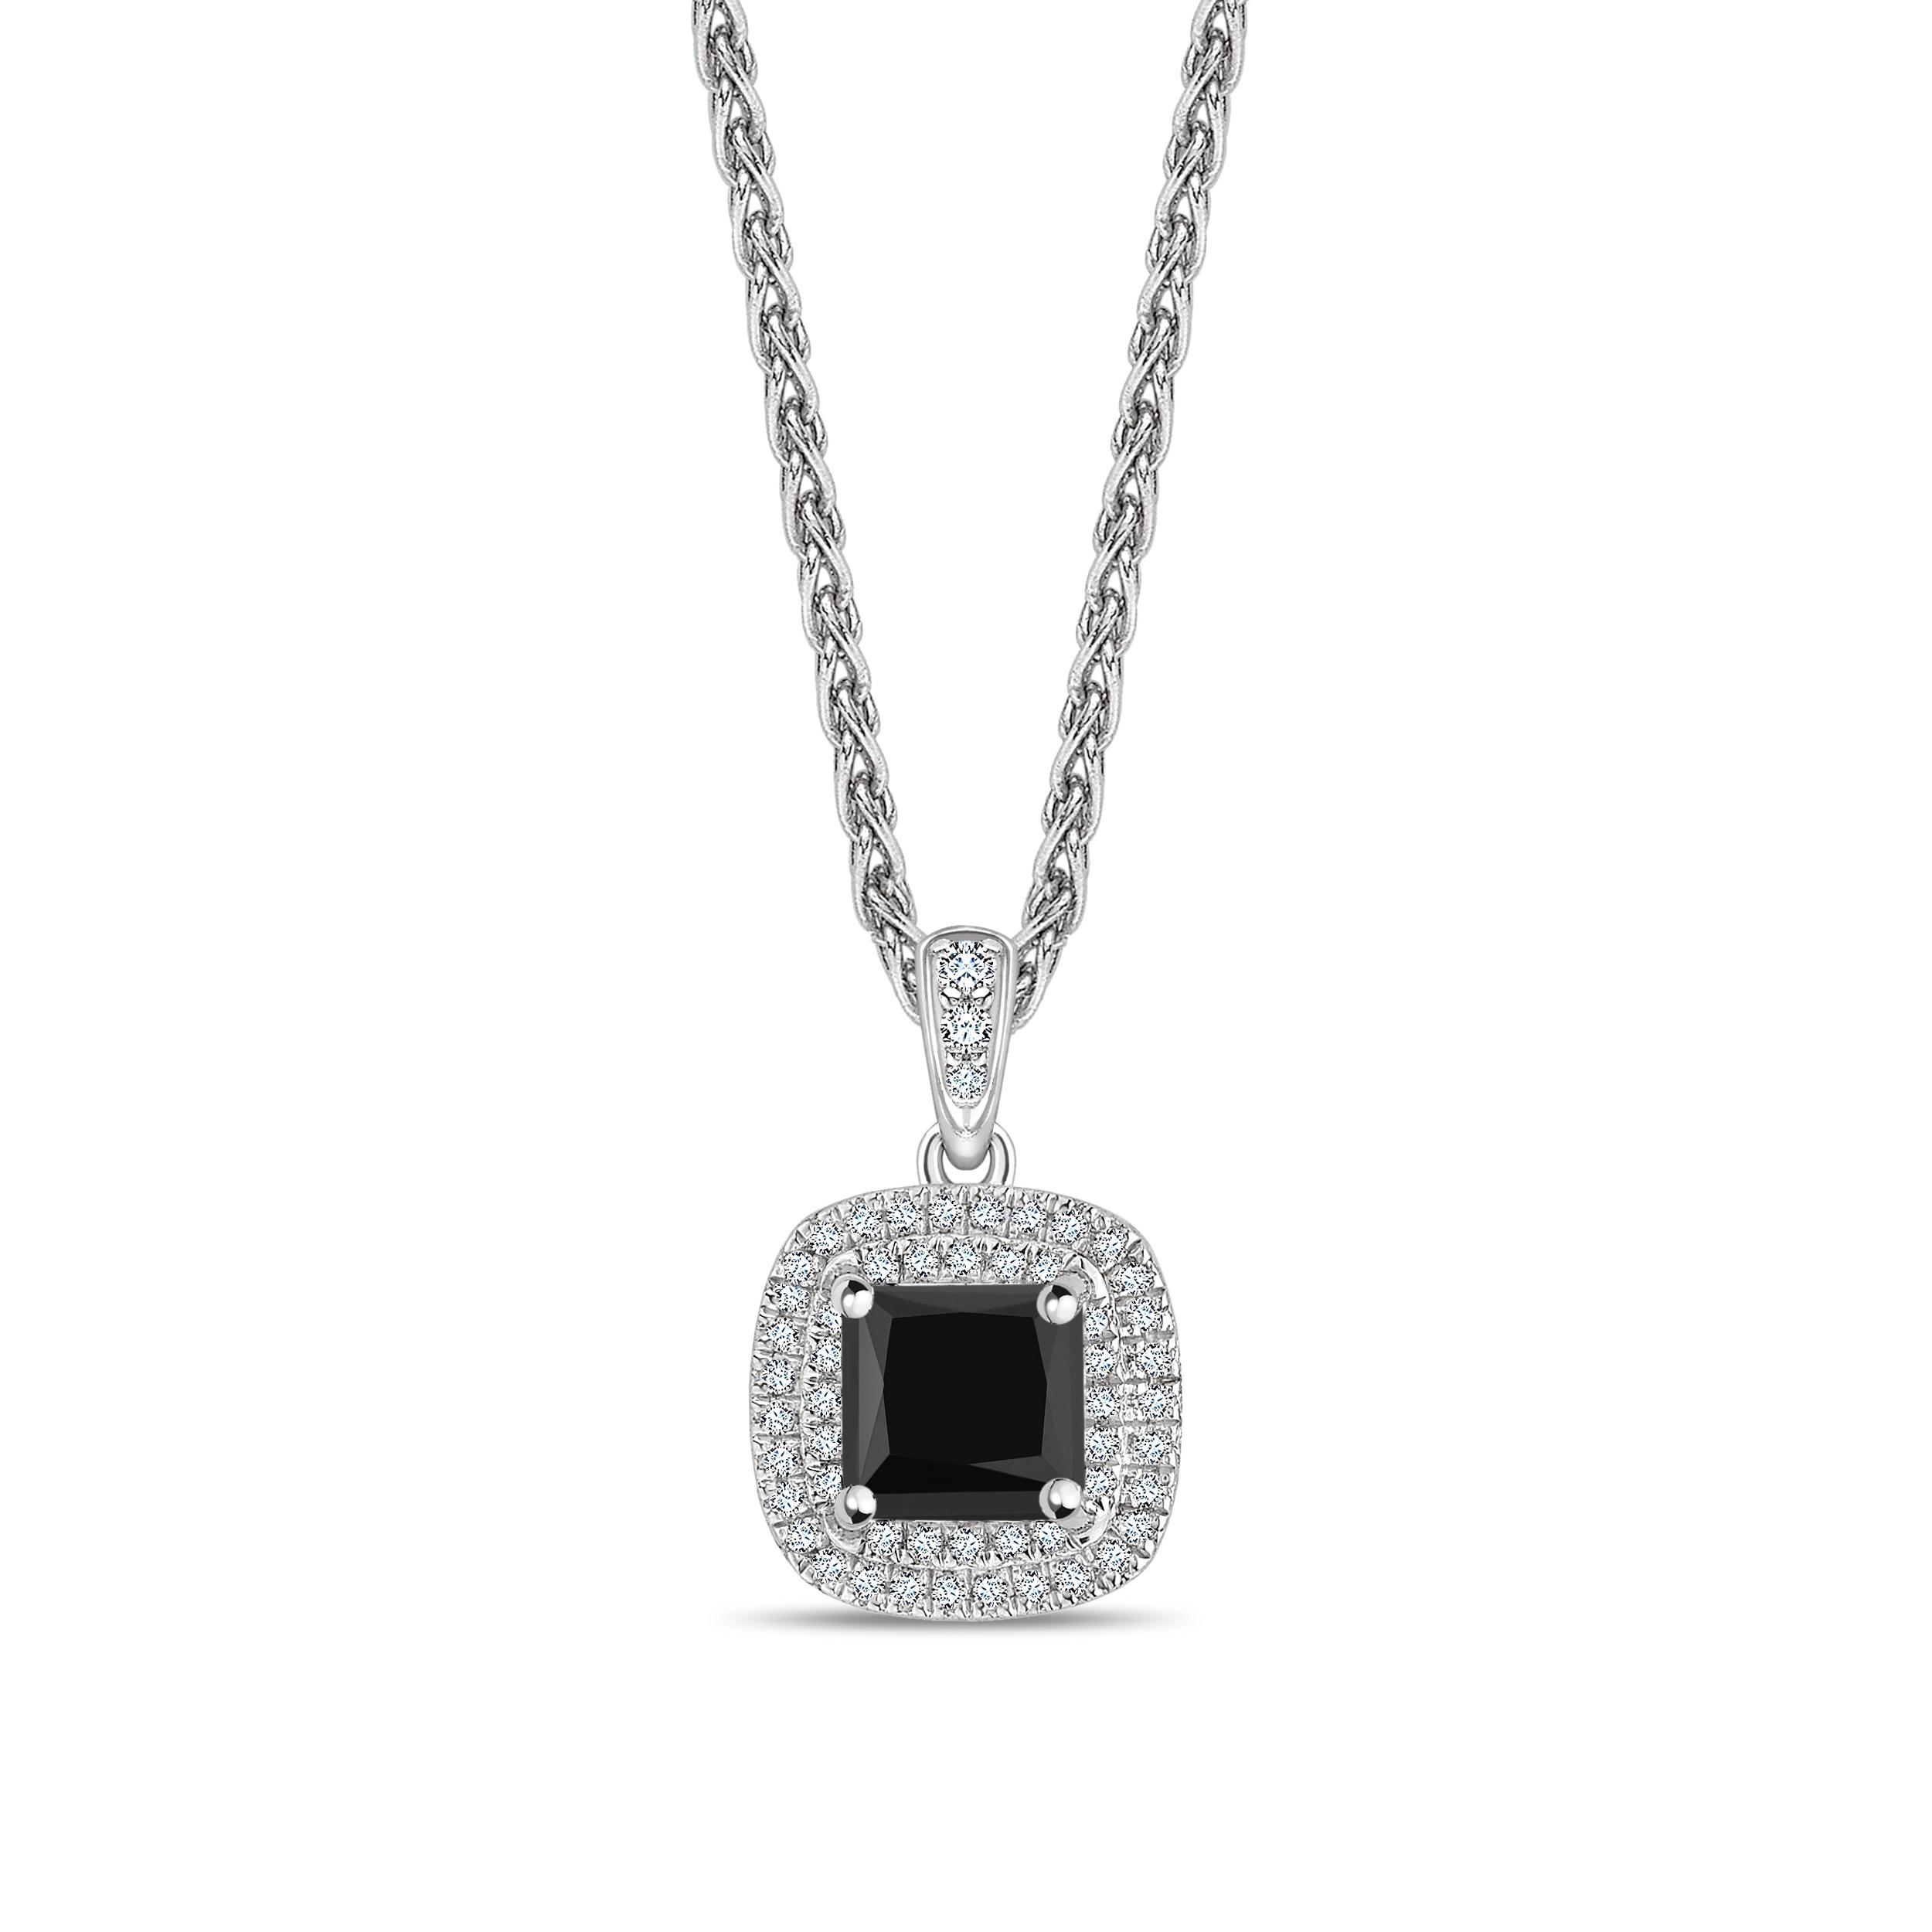 Double Row Setting Princess Cut Black Diamond Solitaire Pendants Necklace